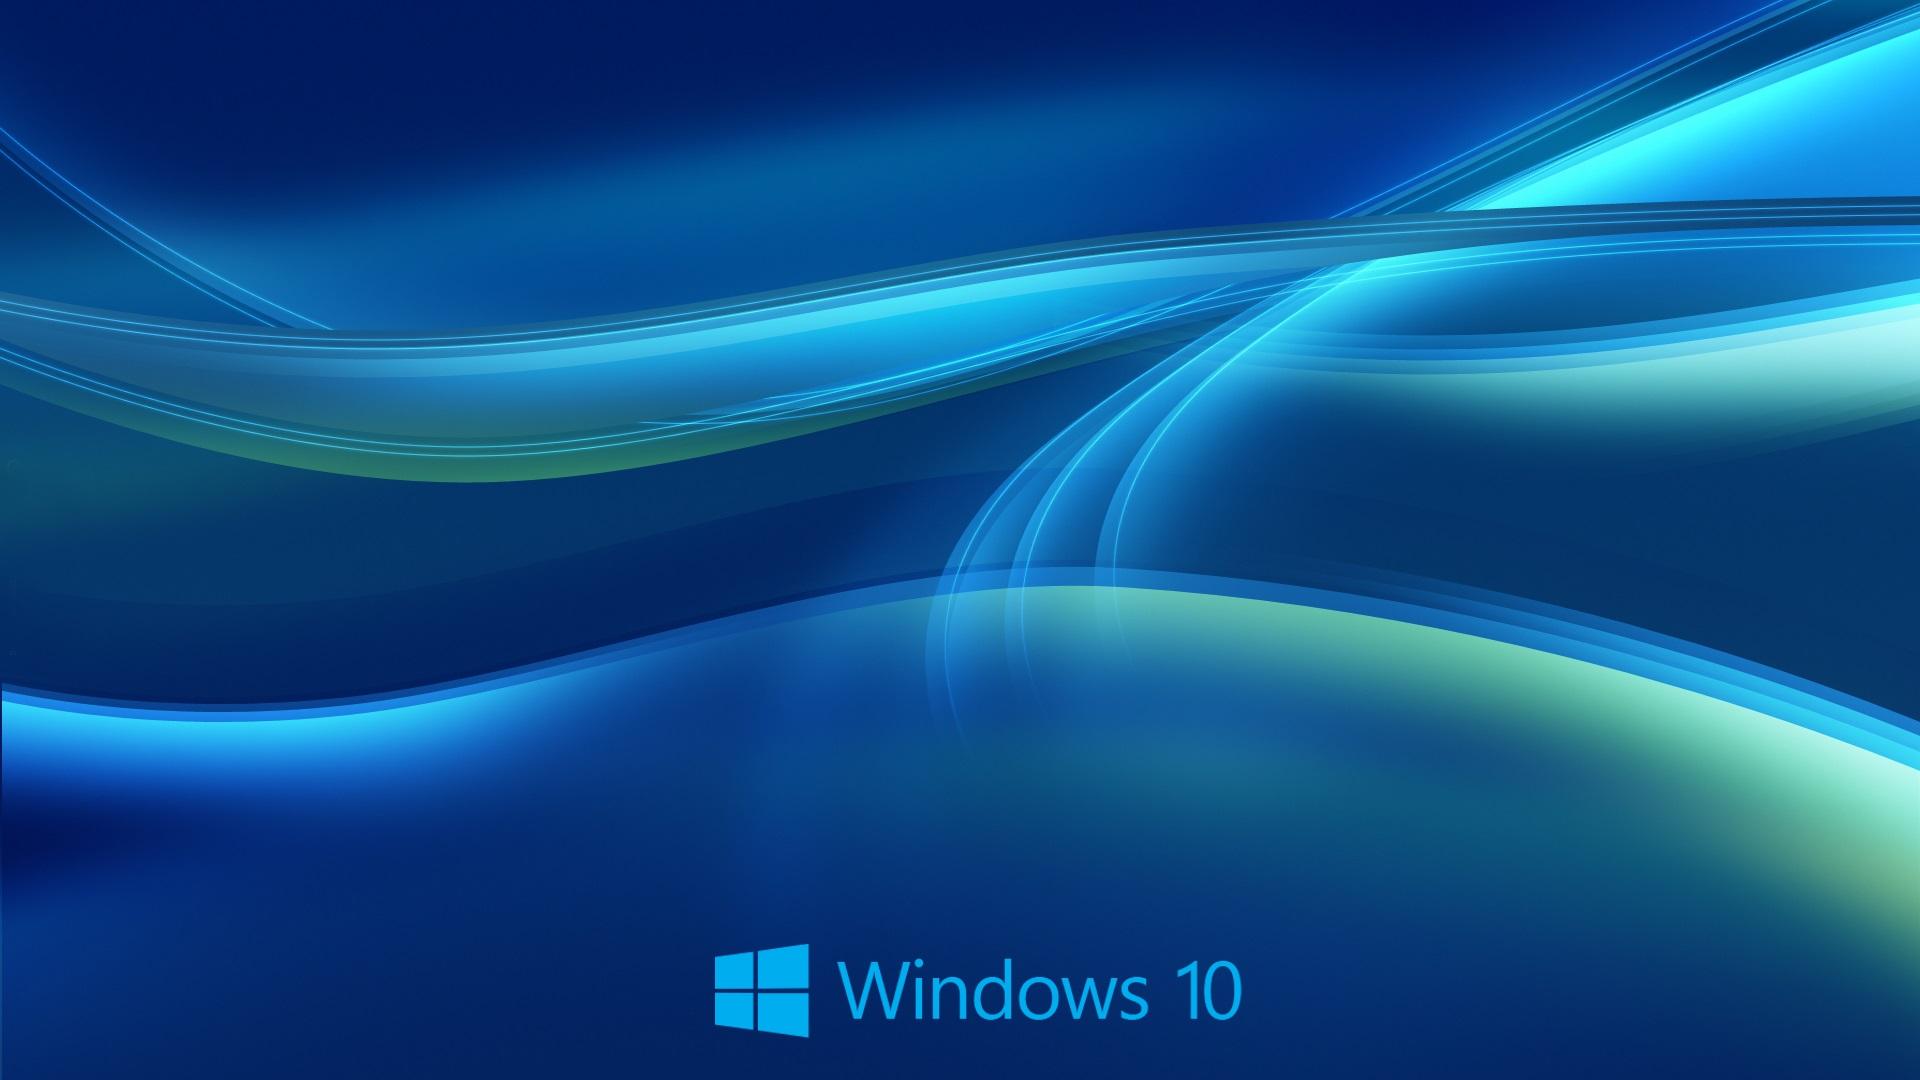 Windows-10-System, Abstrakten Blauen Hintergrund 1920x1200